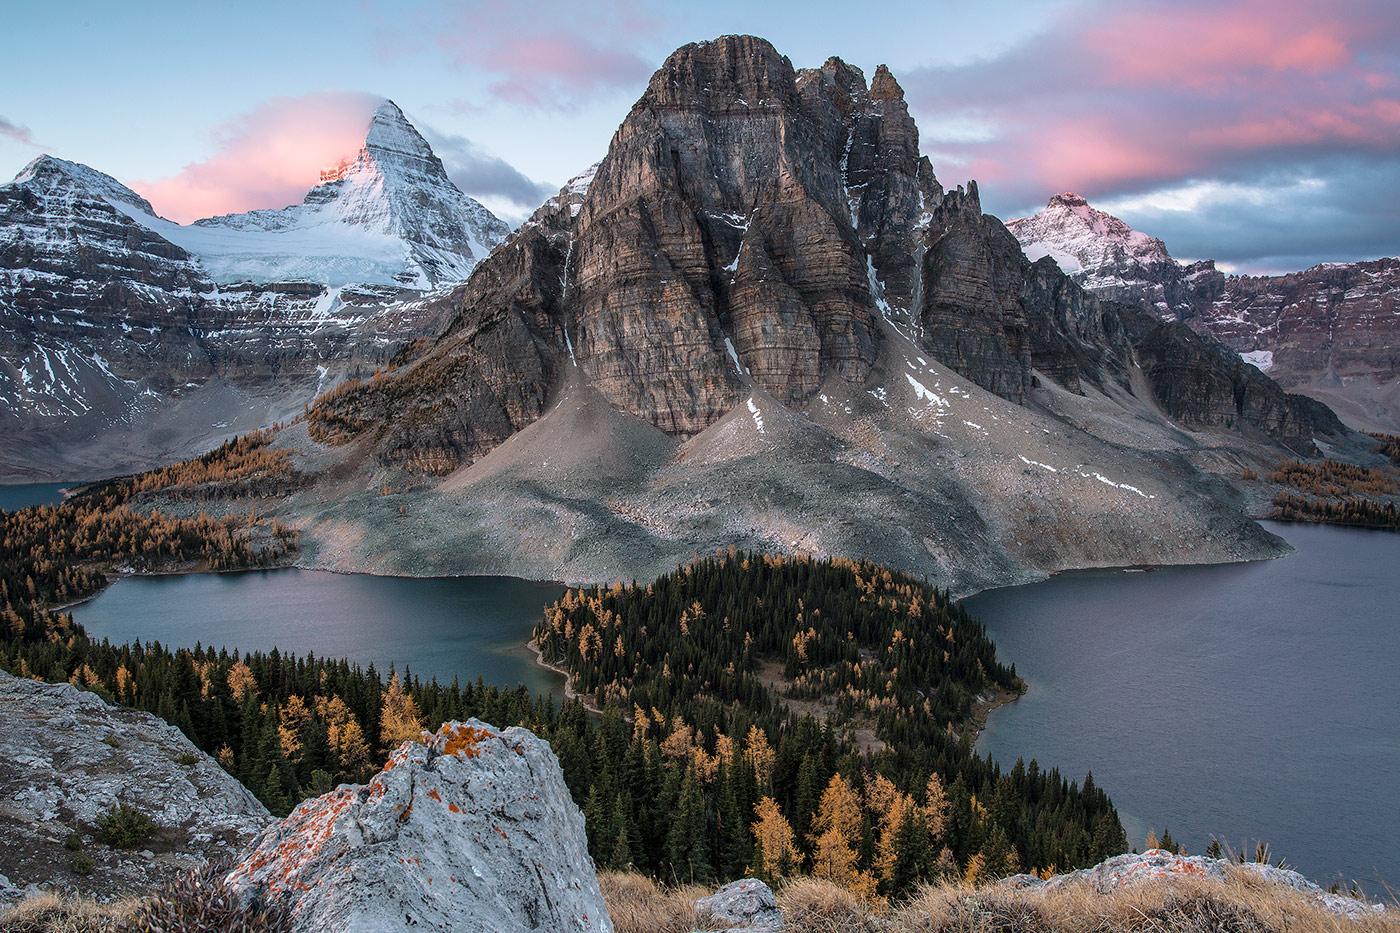 красивые горы мира фото с названием можно насчитать